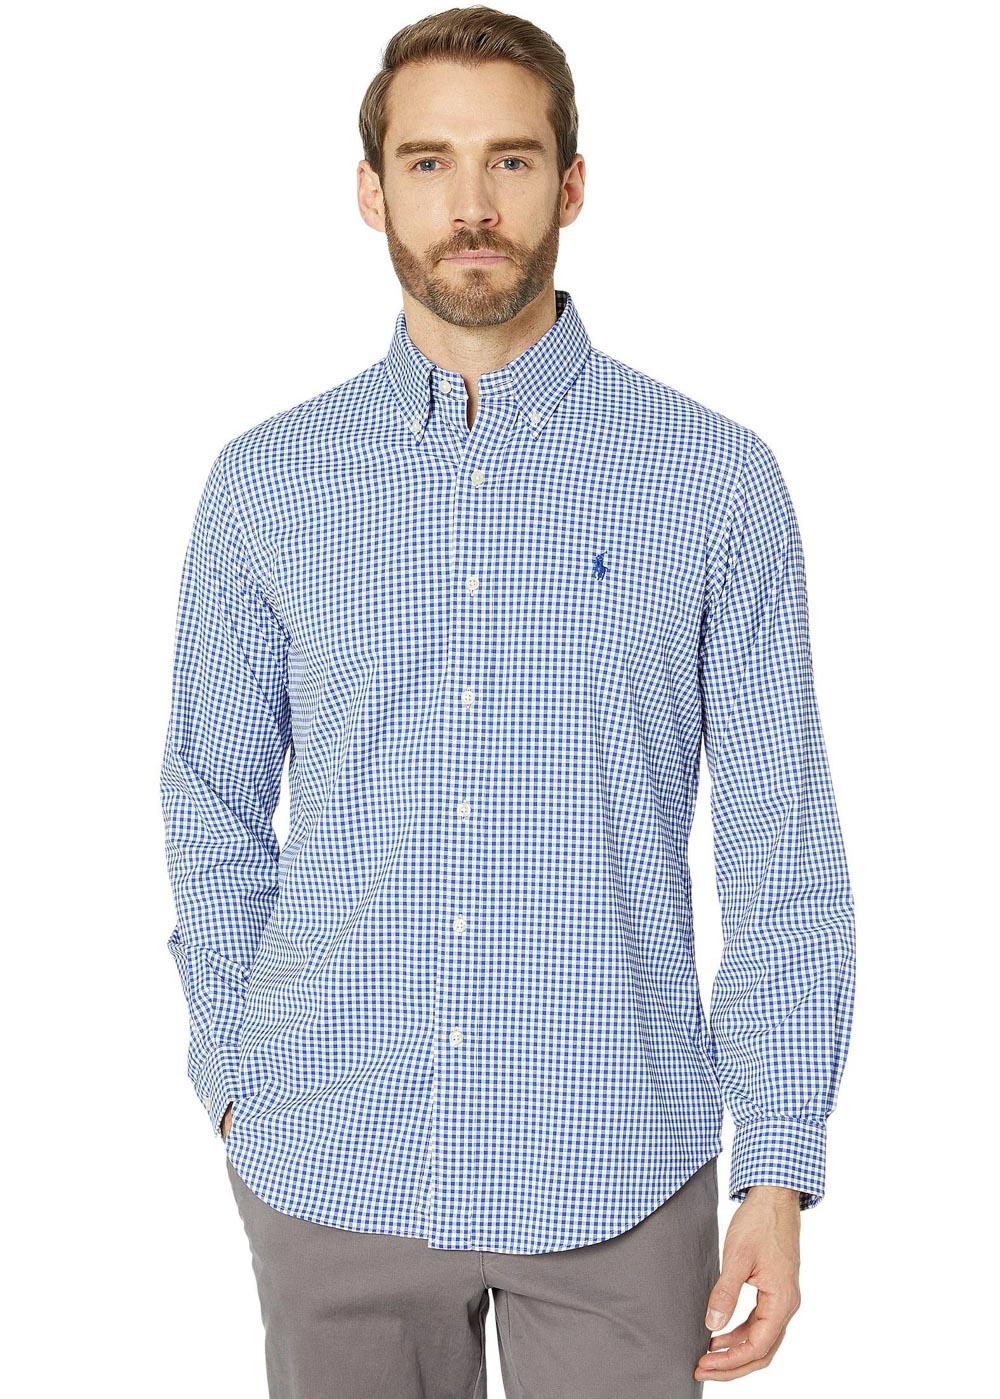 Camisa Ralph Lauren Masculina Custom Fit Icon Blue Classic Checkered Quadriculada Azul